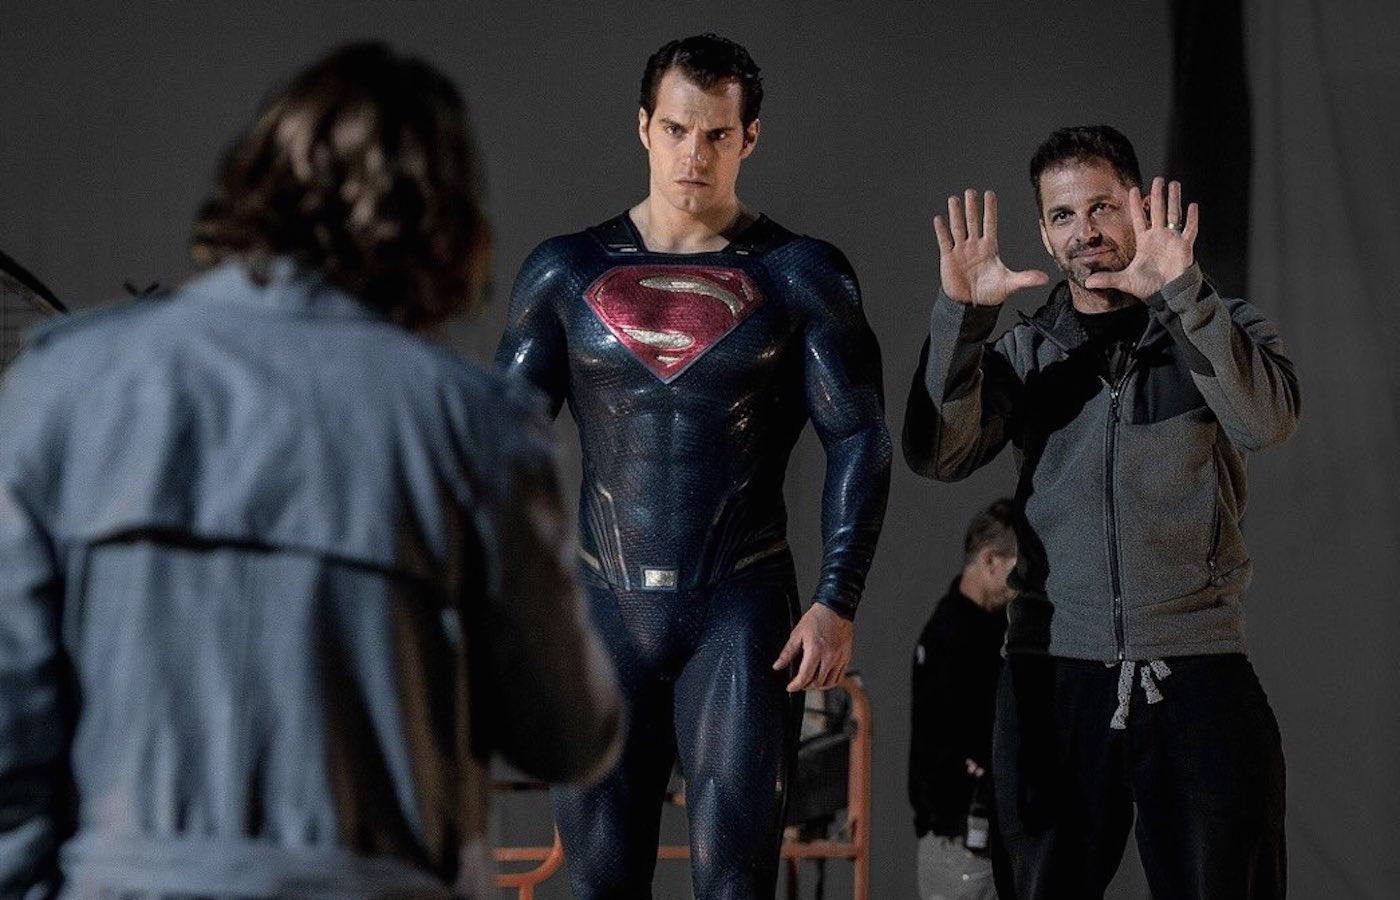 「スーパーマン」ヘンリー・カヴィルが『ジャスティス・リーグ』用の黒いスーツを公開!